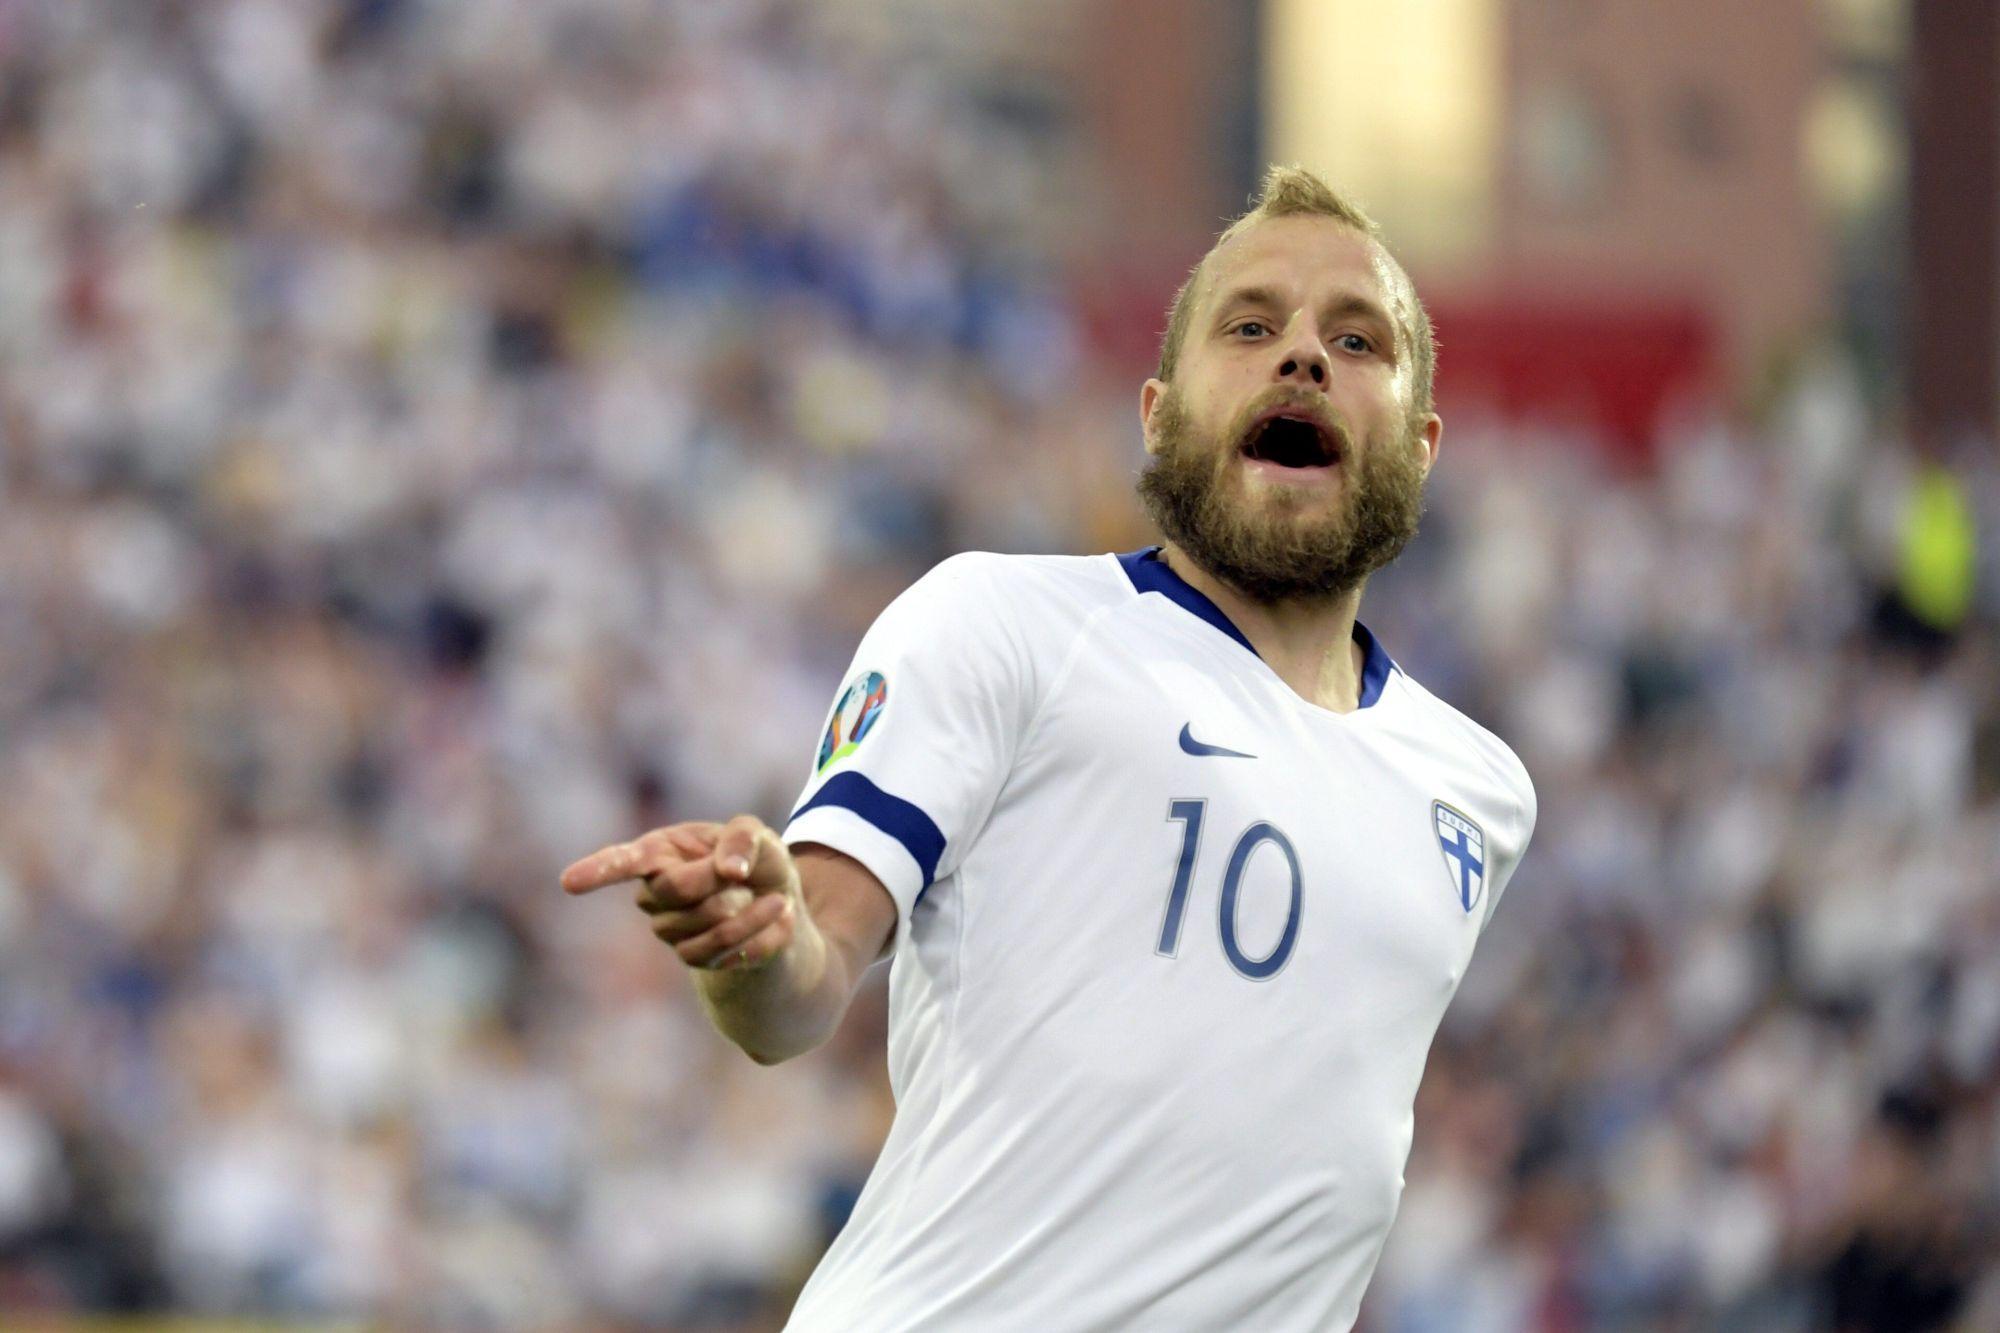 Teemu Pukki, golgheterul Finlandei în preliminariile pentru EURO 2020, sărbătorește marcarea unui gol în partida cu Bosnia